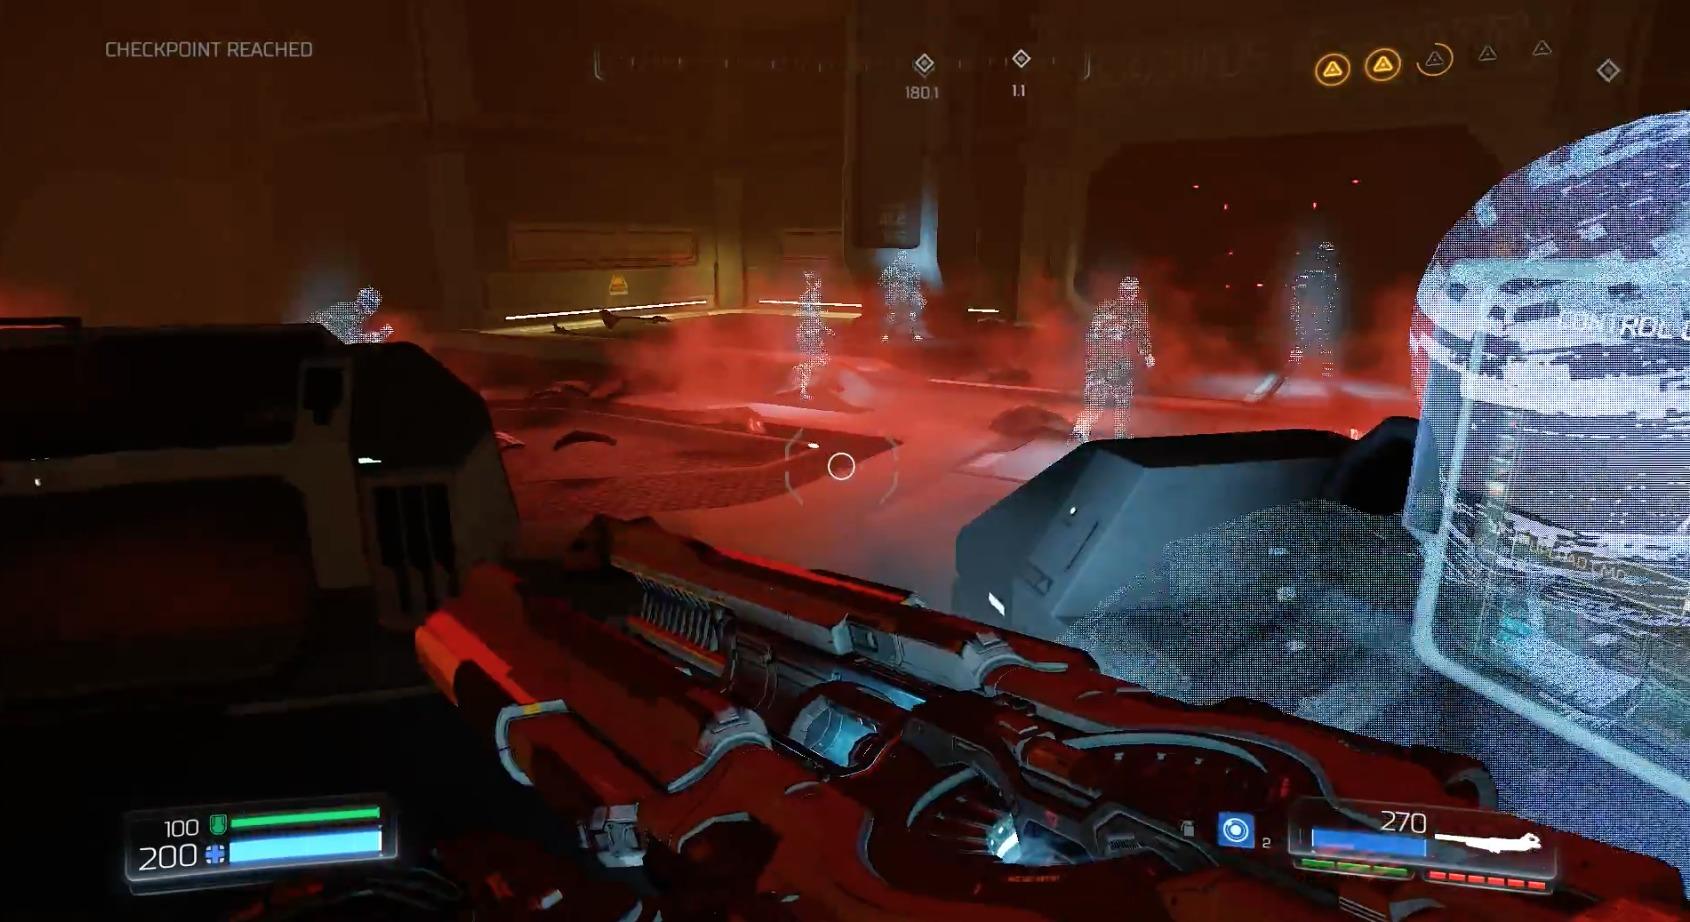 Ultra Nightmare-modus er ingen hindring for denne Doom-spilleren.